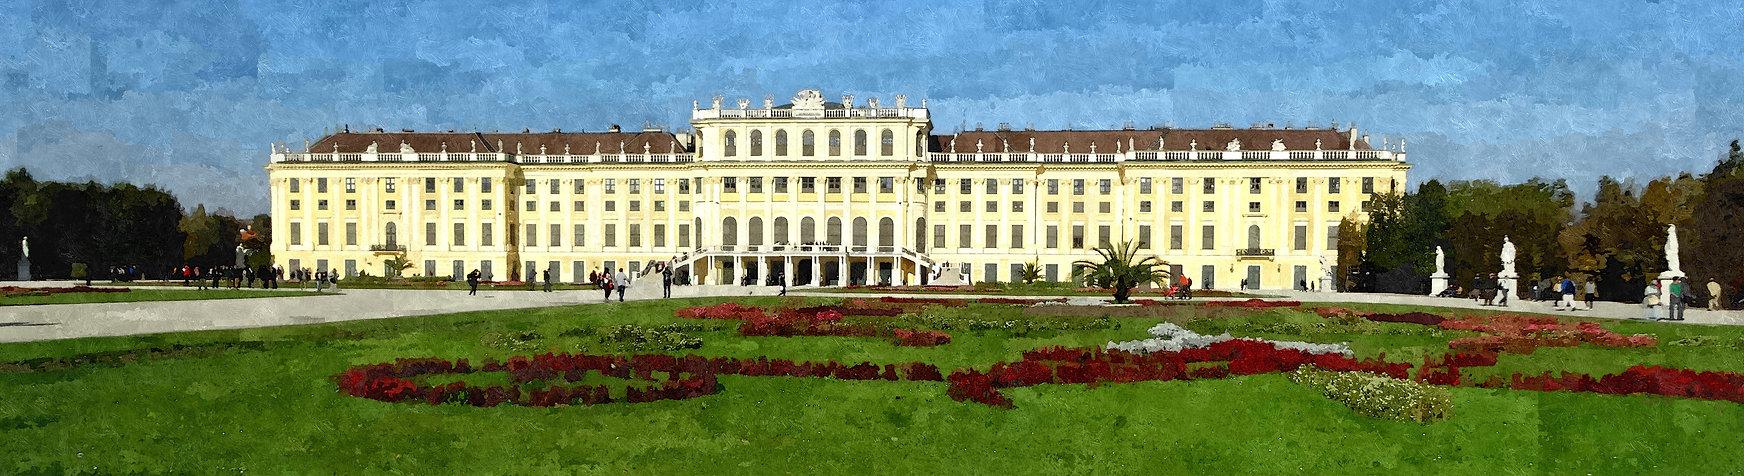 2008.02.오스트리아 비엔나 궁전.JPG